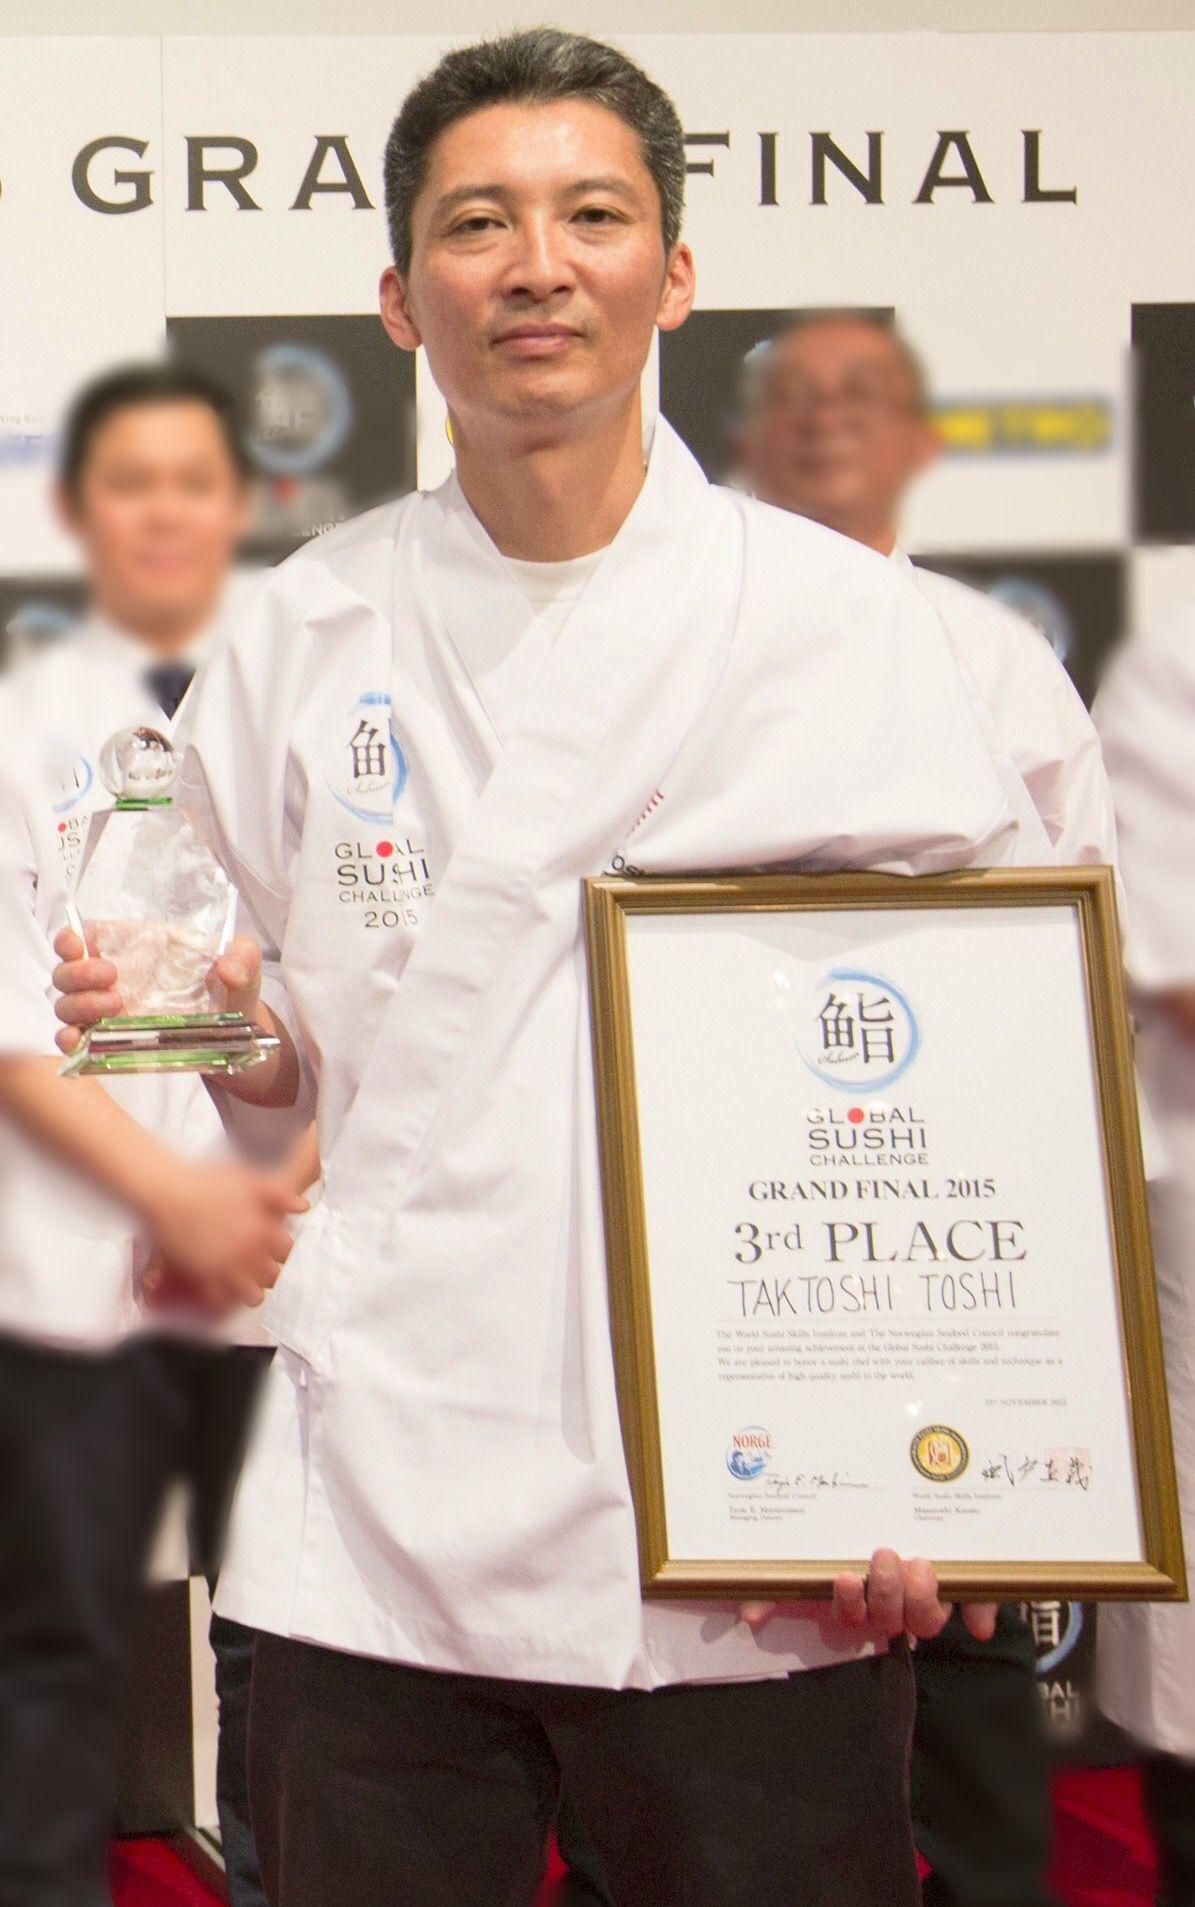 Chef Takatoshi Toshi